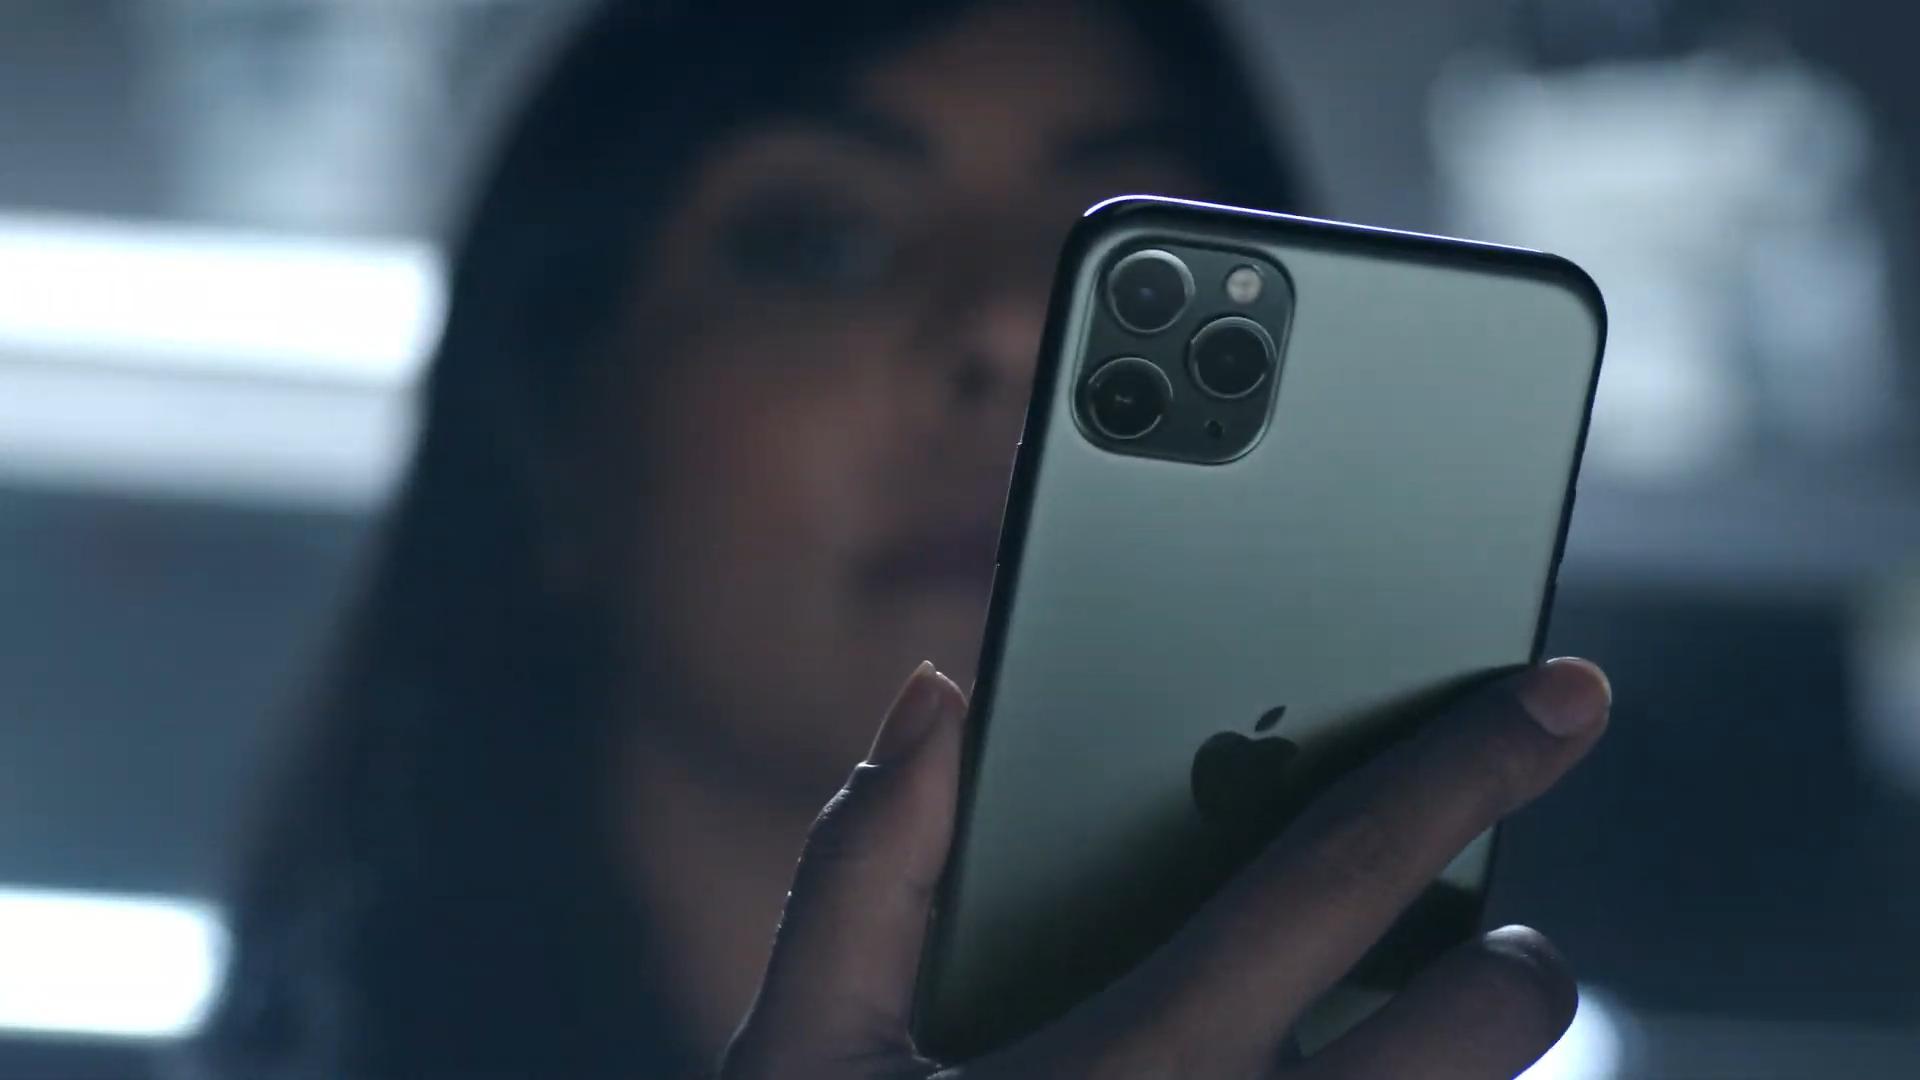 Iphone 11 Pro Max (1)